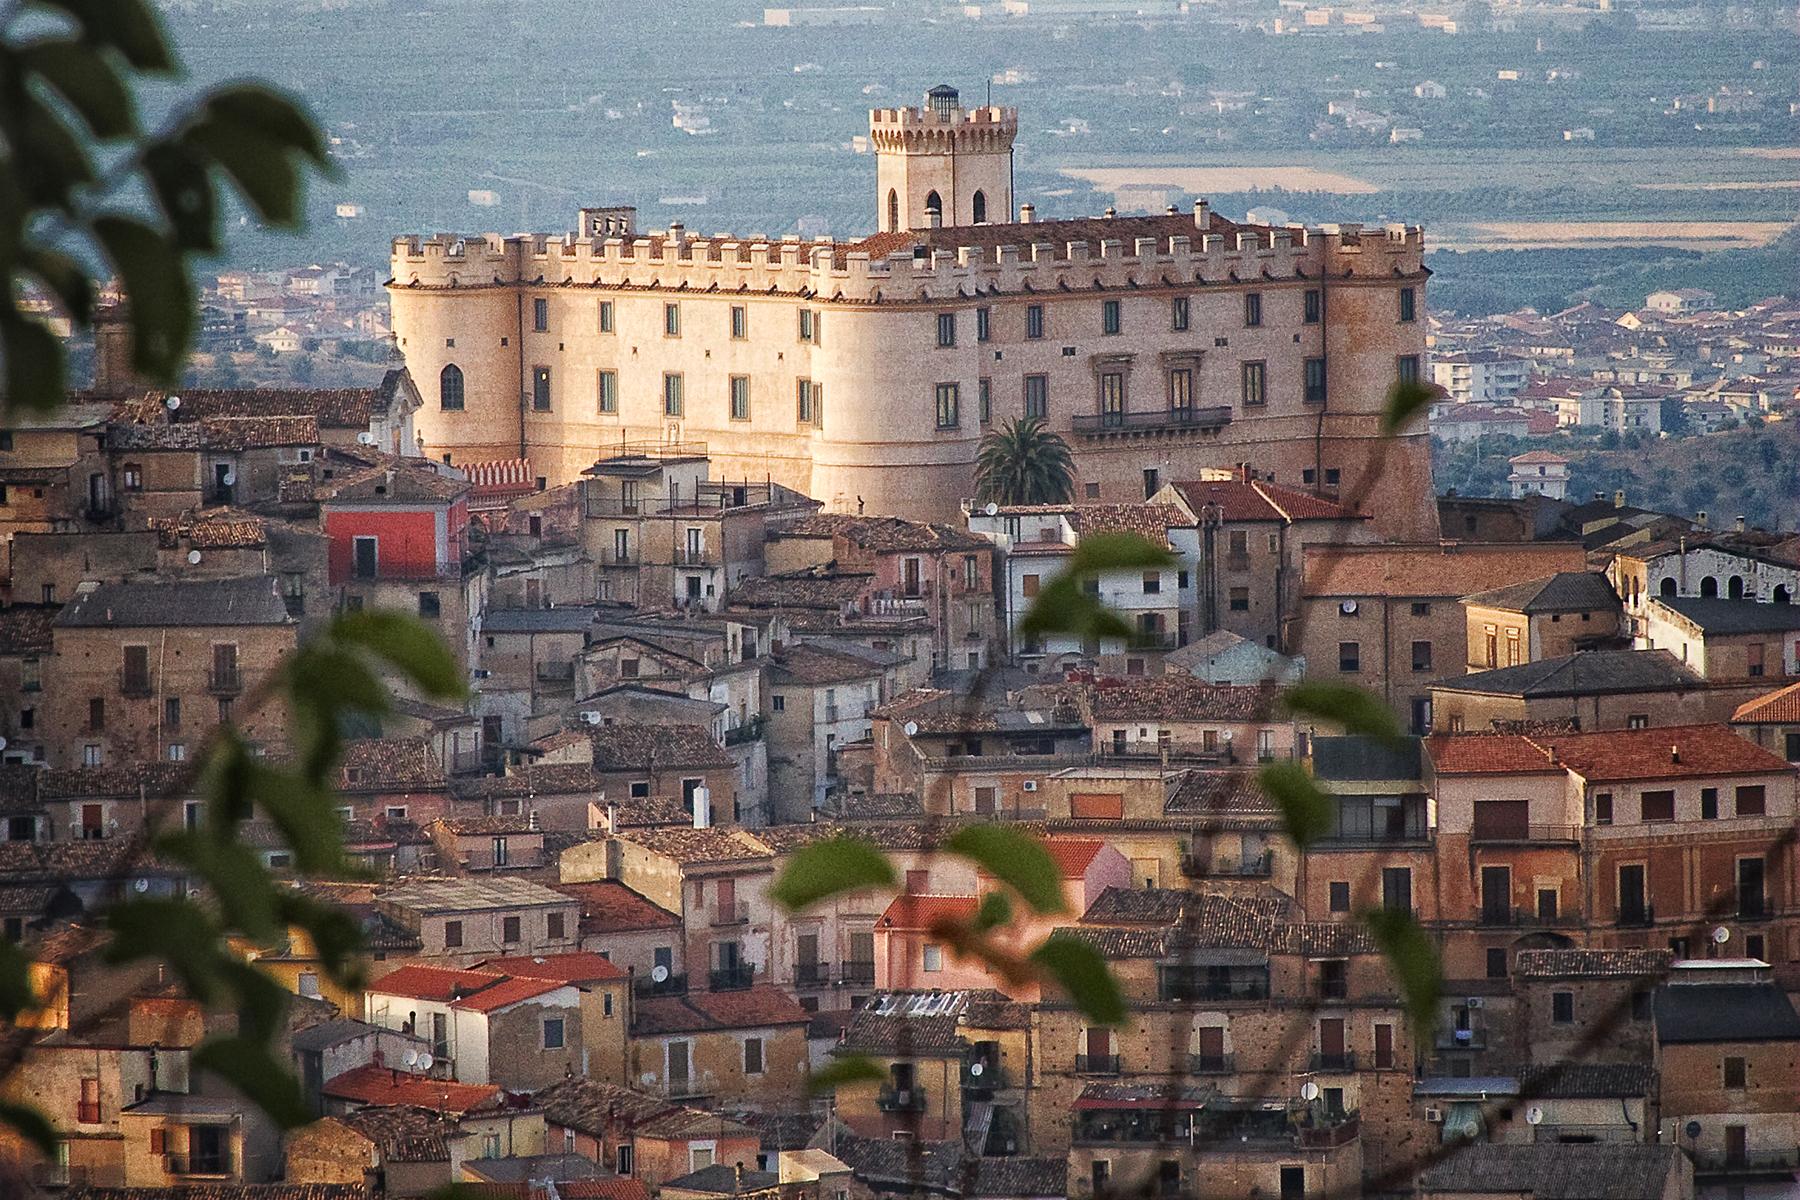 Il_castello_ducale_corigliano